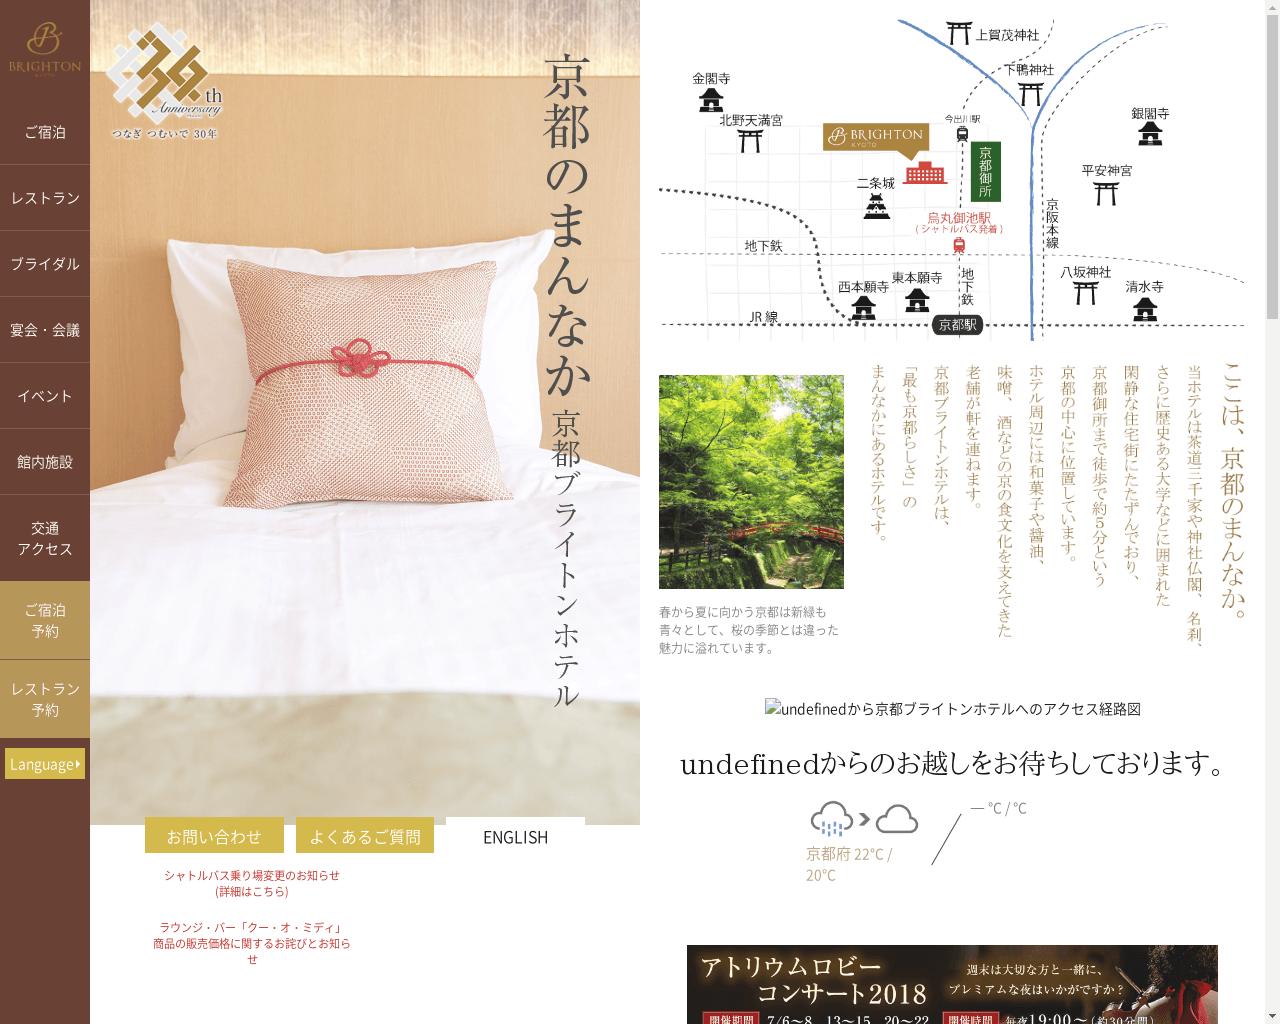 高級ホテル特集 京都ブライトンホテル